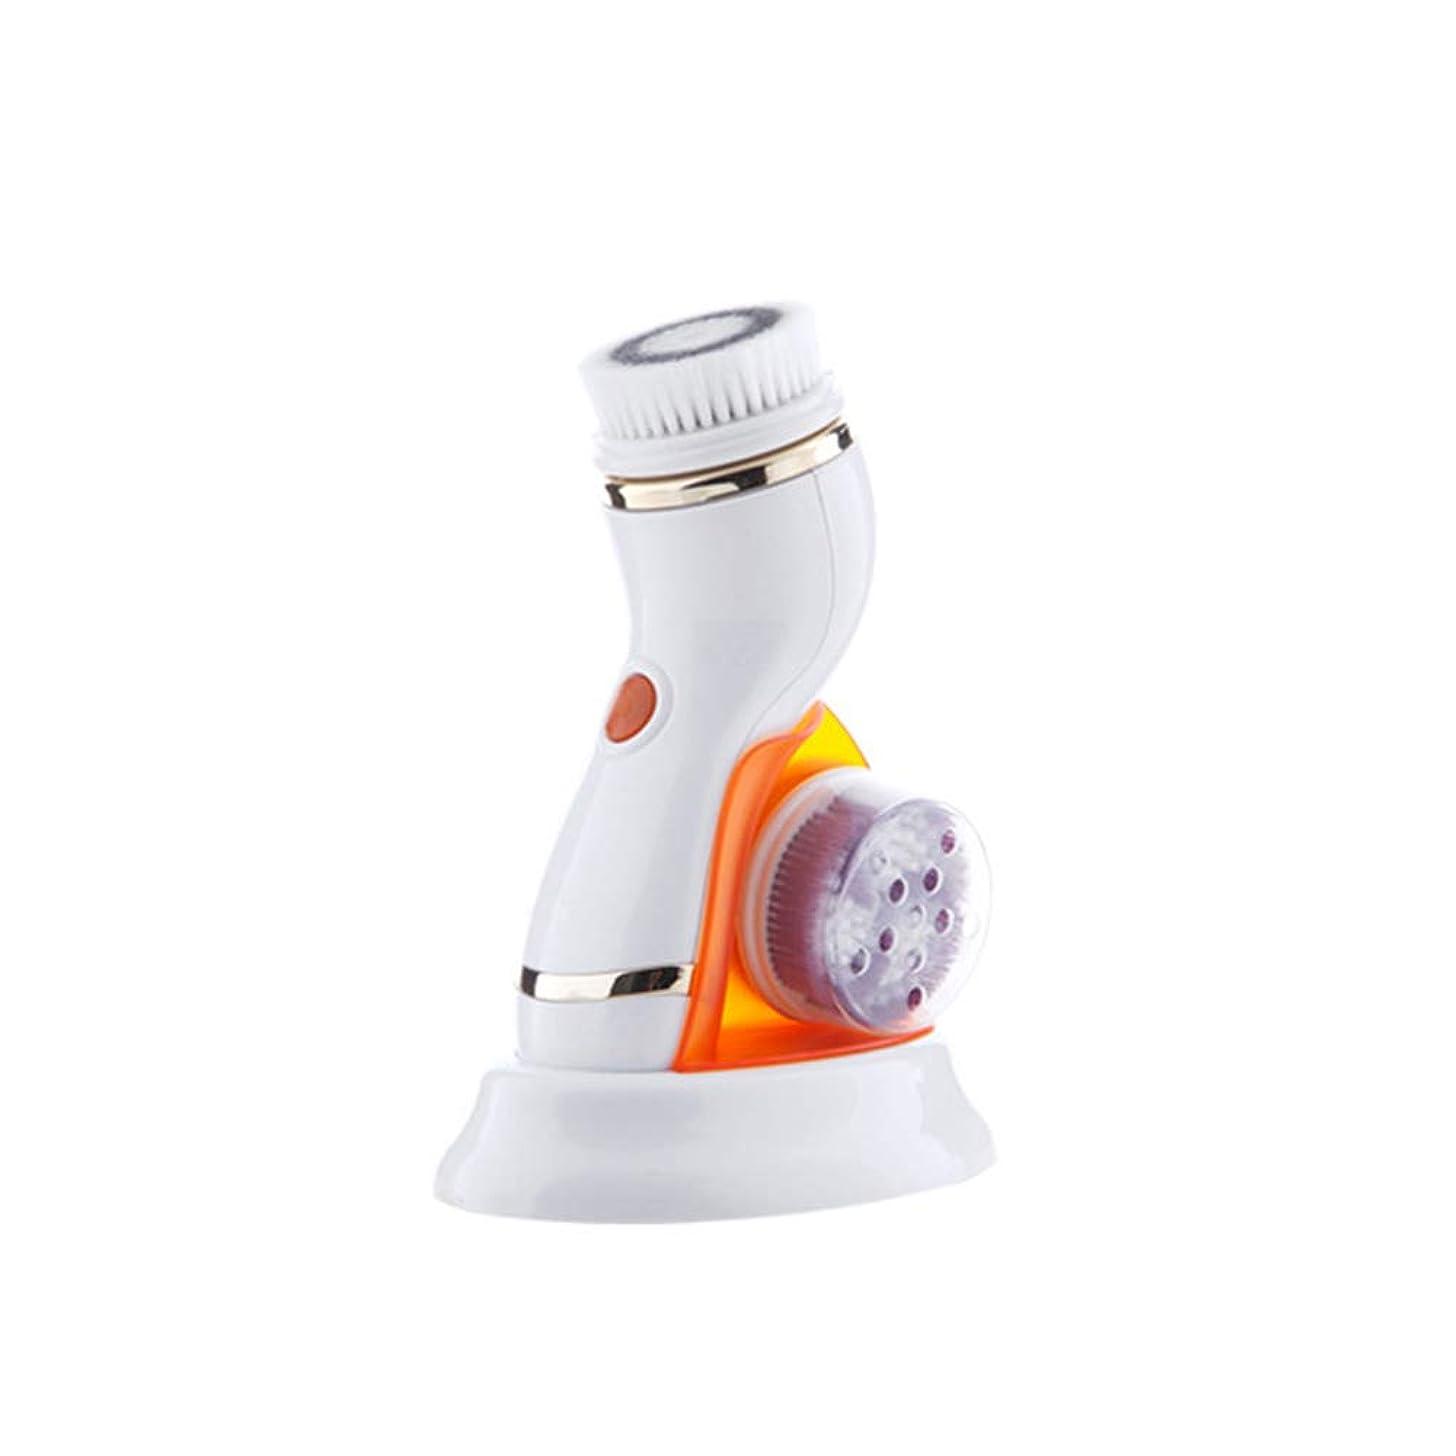 かみそり真っ逆さまレイアウト4 in 1フェイシャルクレンジングブラシ、ポータブル電気防水回転式フェイススクラバー、フェイスクリーニング用の4つのブラシヘッド、角質除去マッサージ,オレンジ色